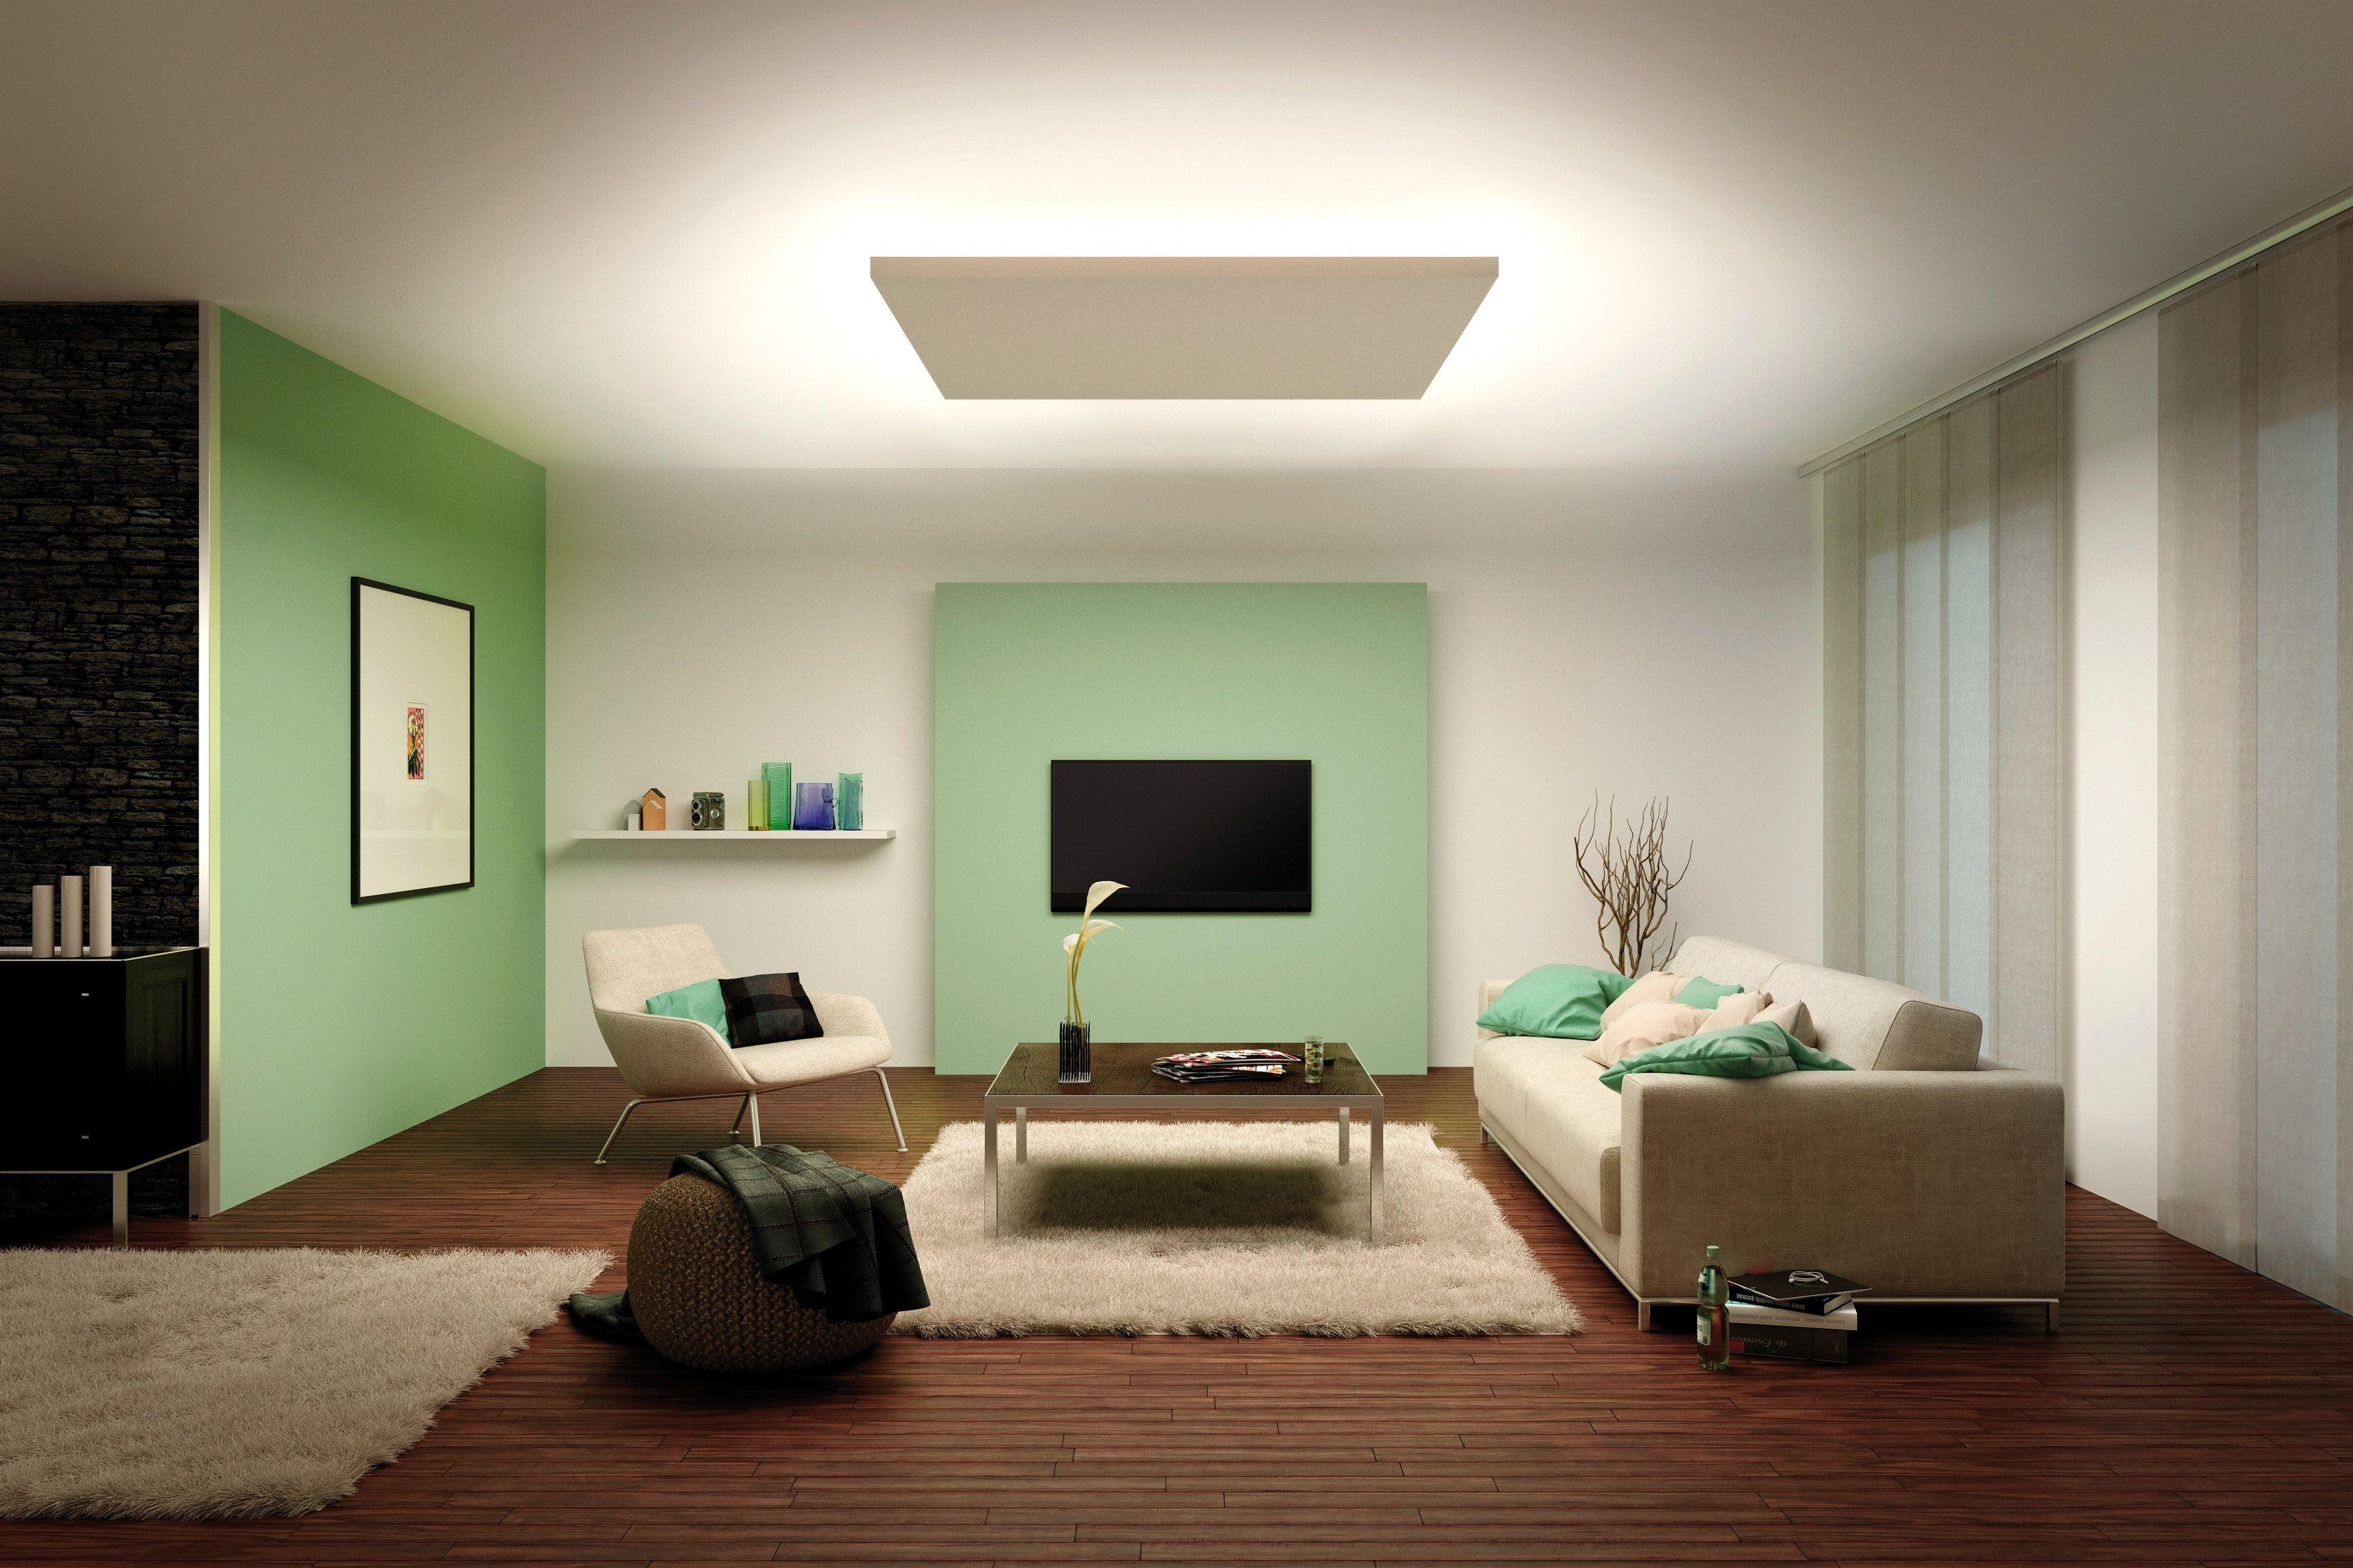 Licht Wohnzimmer Ideen Ideen Zum Streichen Wohnzimmer Pinterest